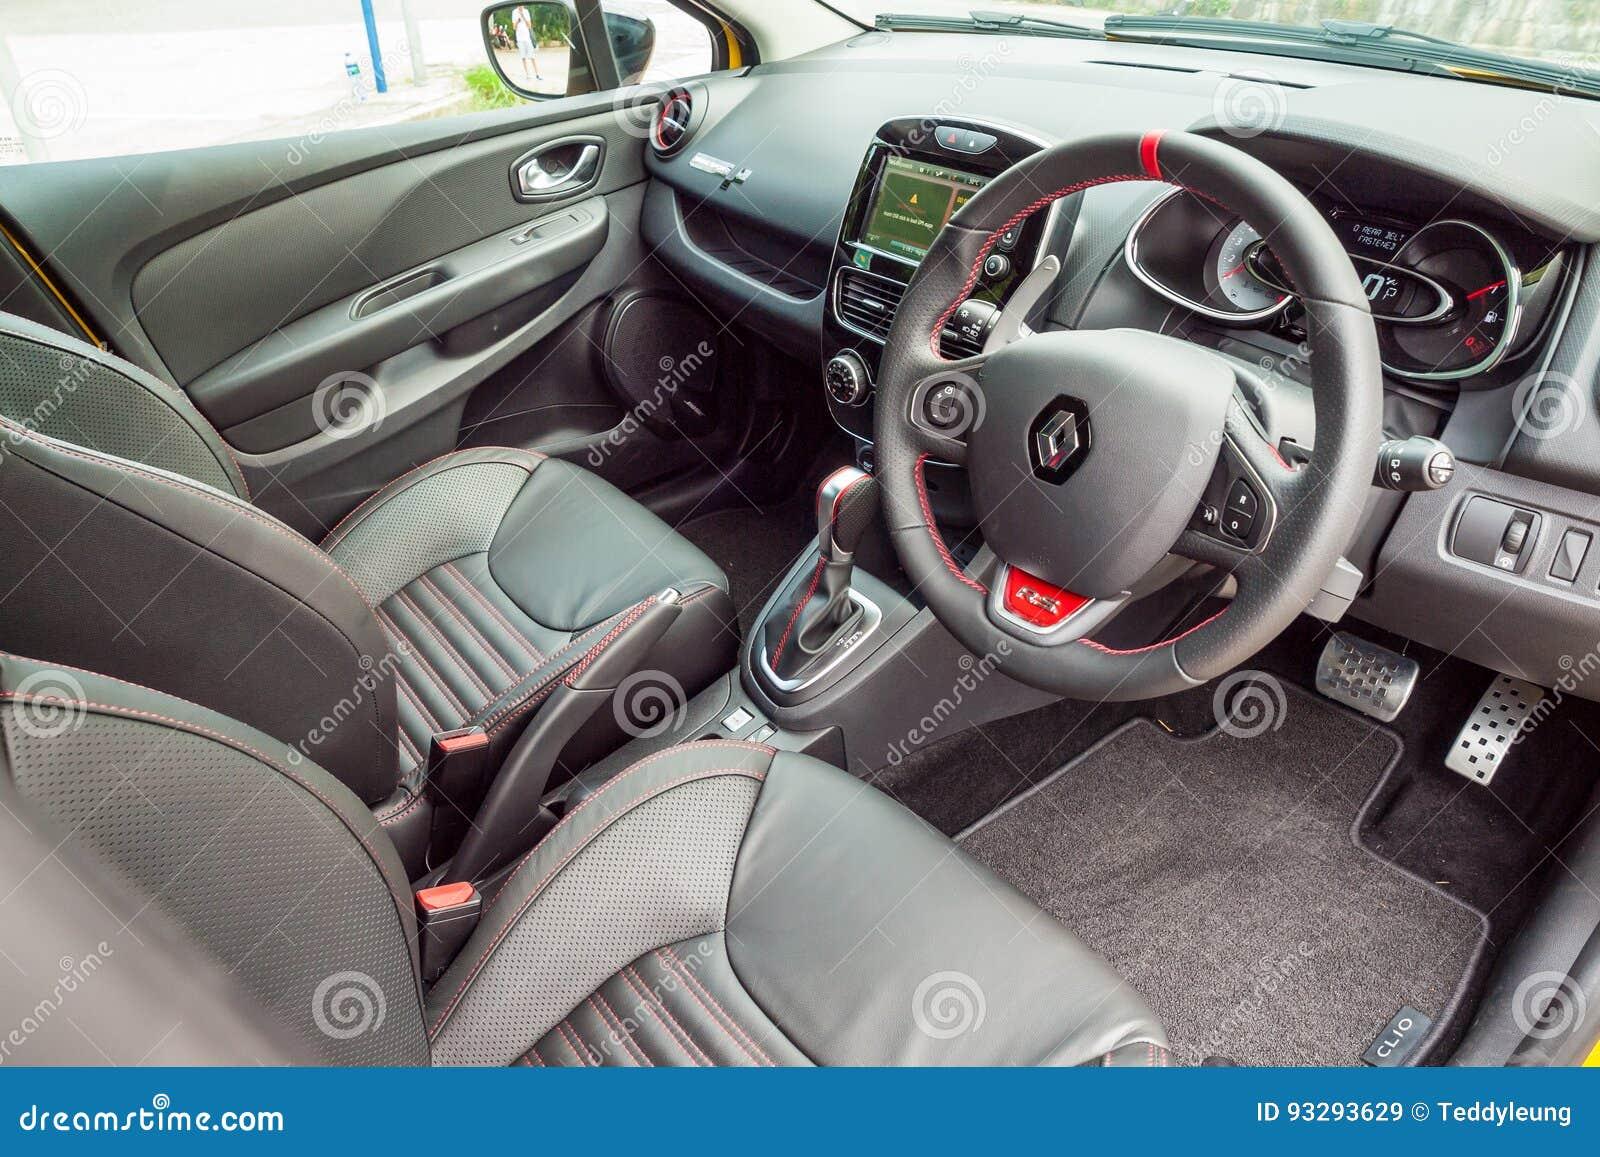 Interior De Renault Clio Rs 2017 Imagem De Stock Editorial Imagem De 2017 Renault 93293629